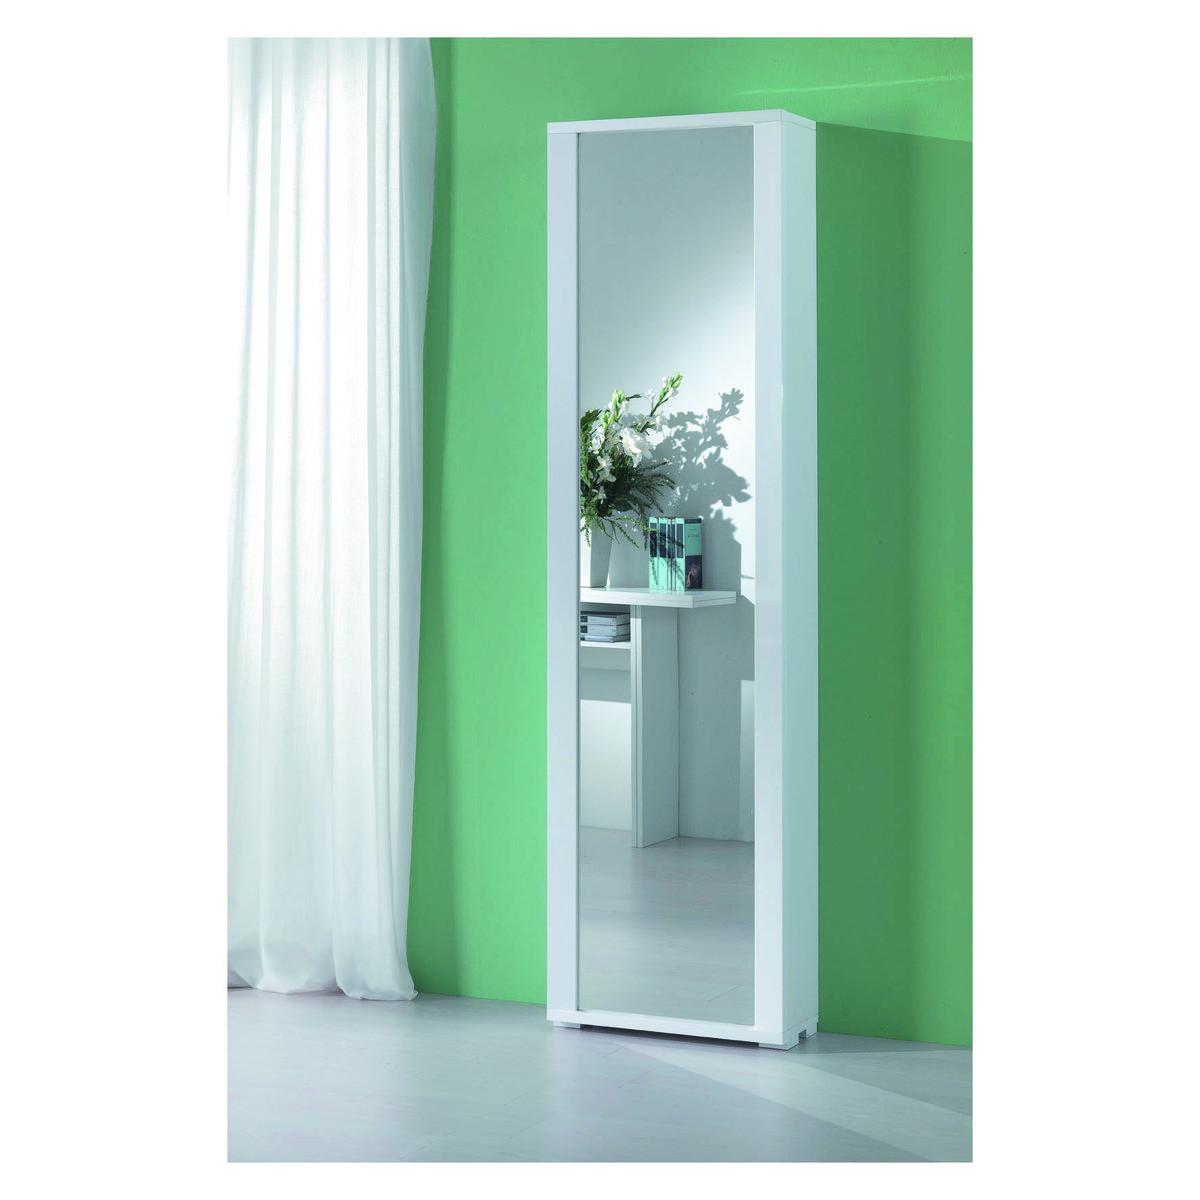 Armadio 1 anta specchio prezzo migliore casa for Scarpiera specchio leroy merlin